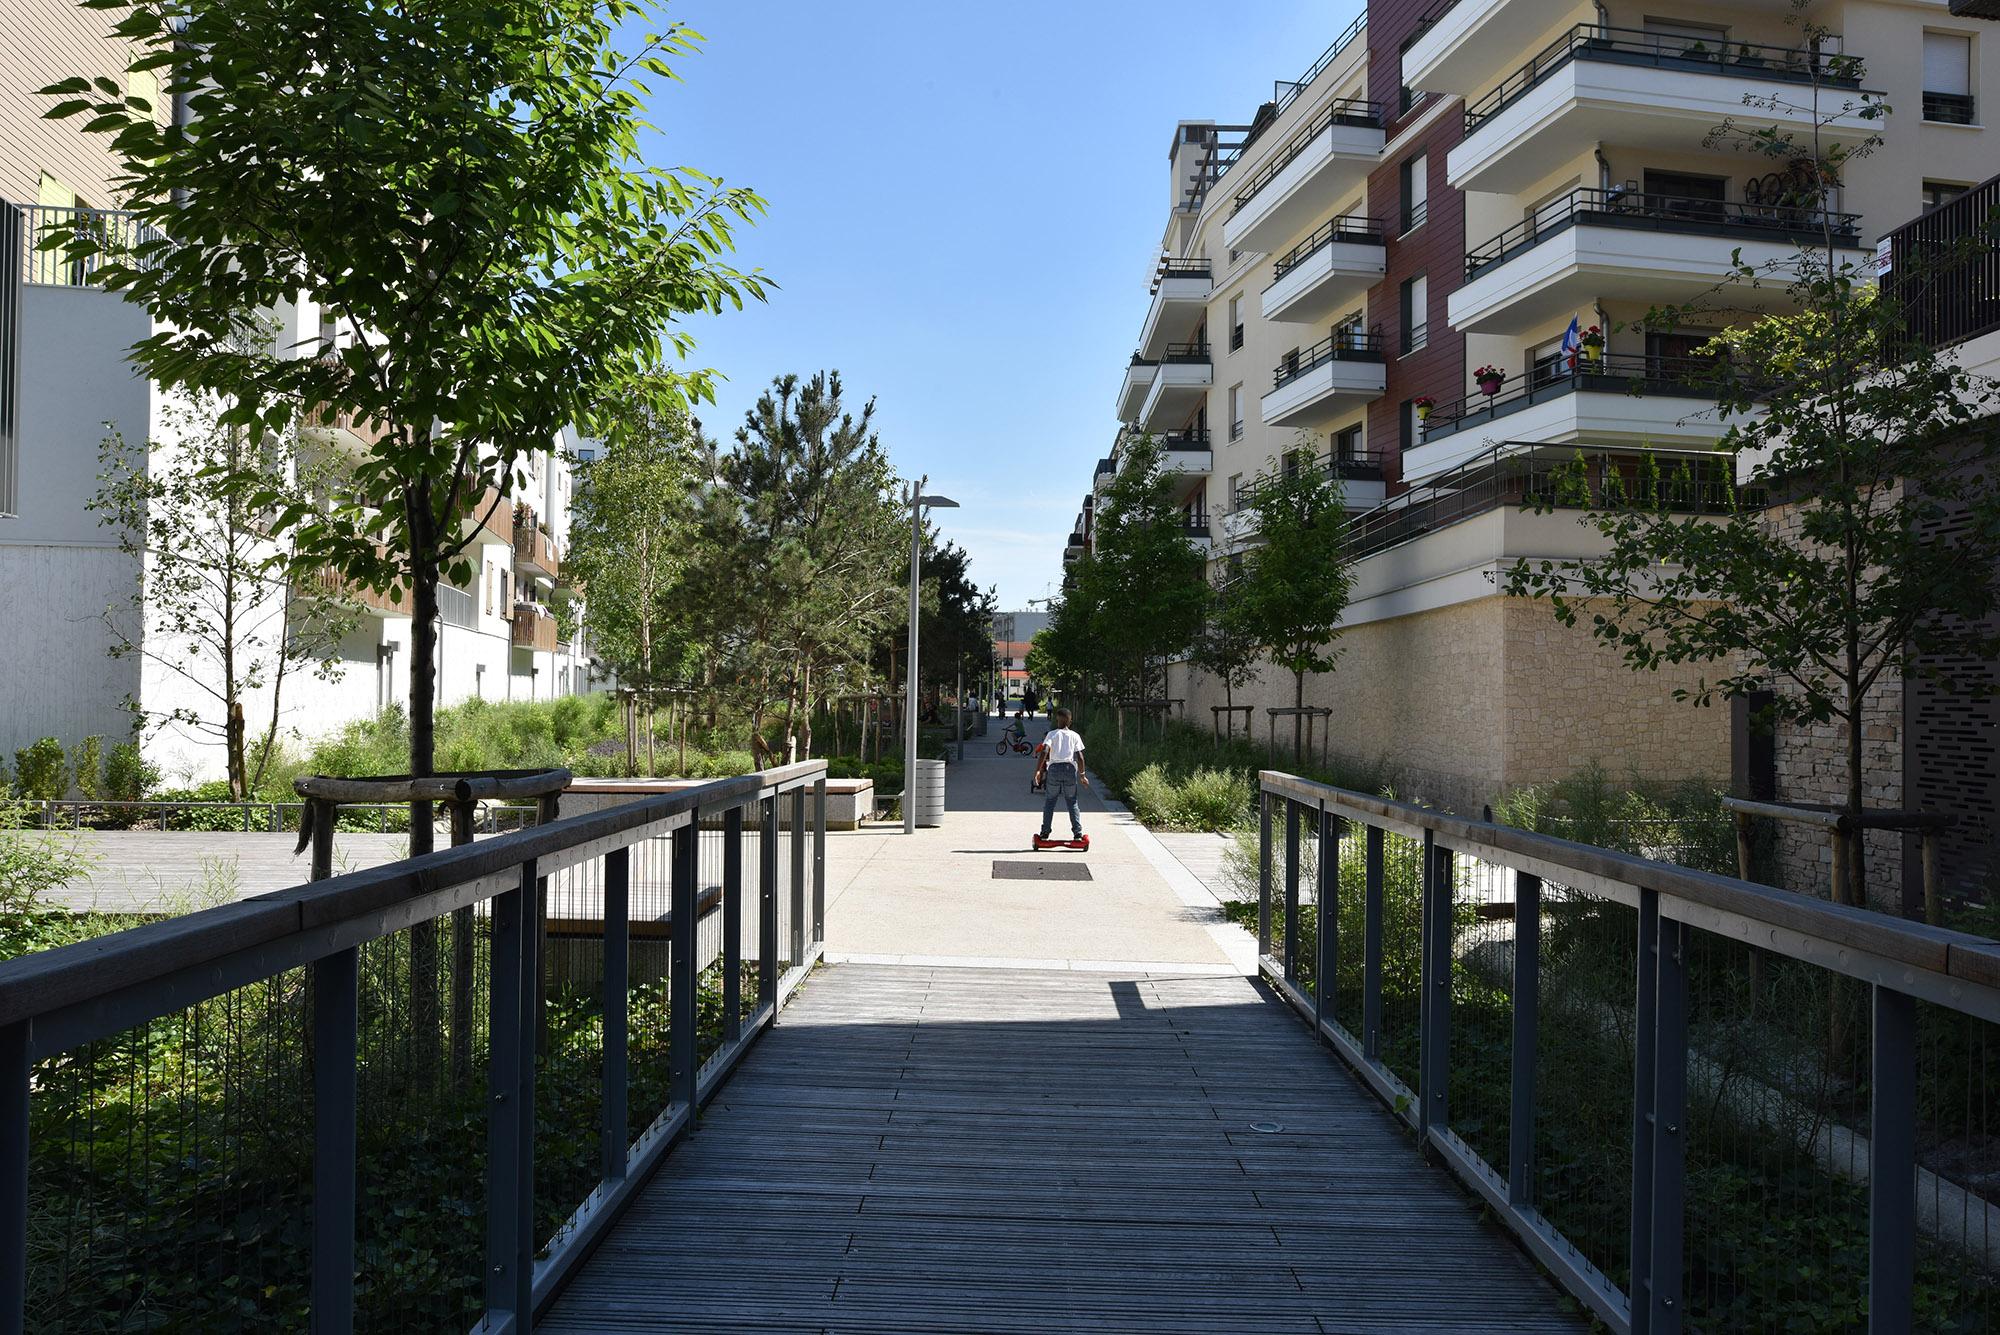 L'allée du parc urbain linéaire